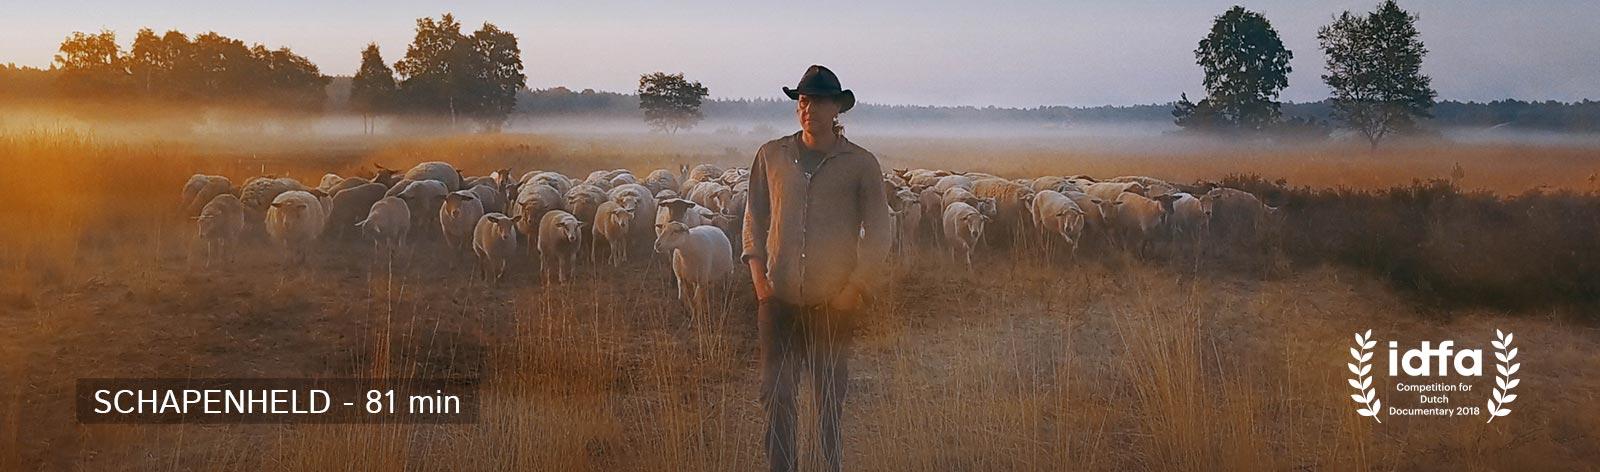 schapenheld-documentaire-2018-idfa